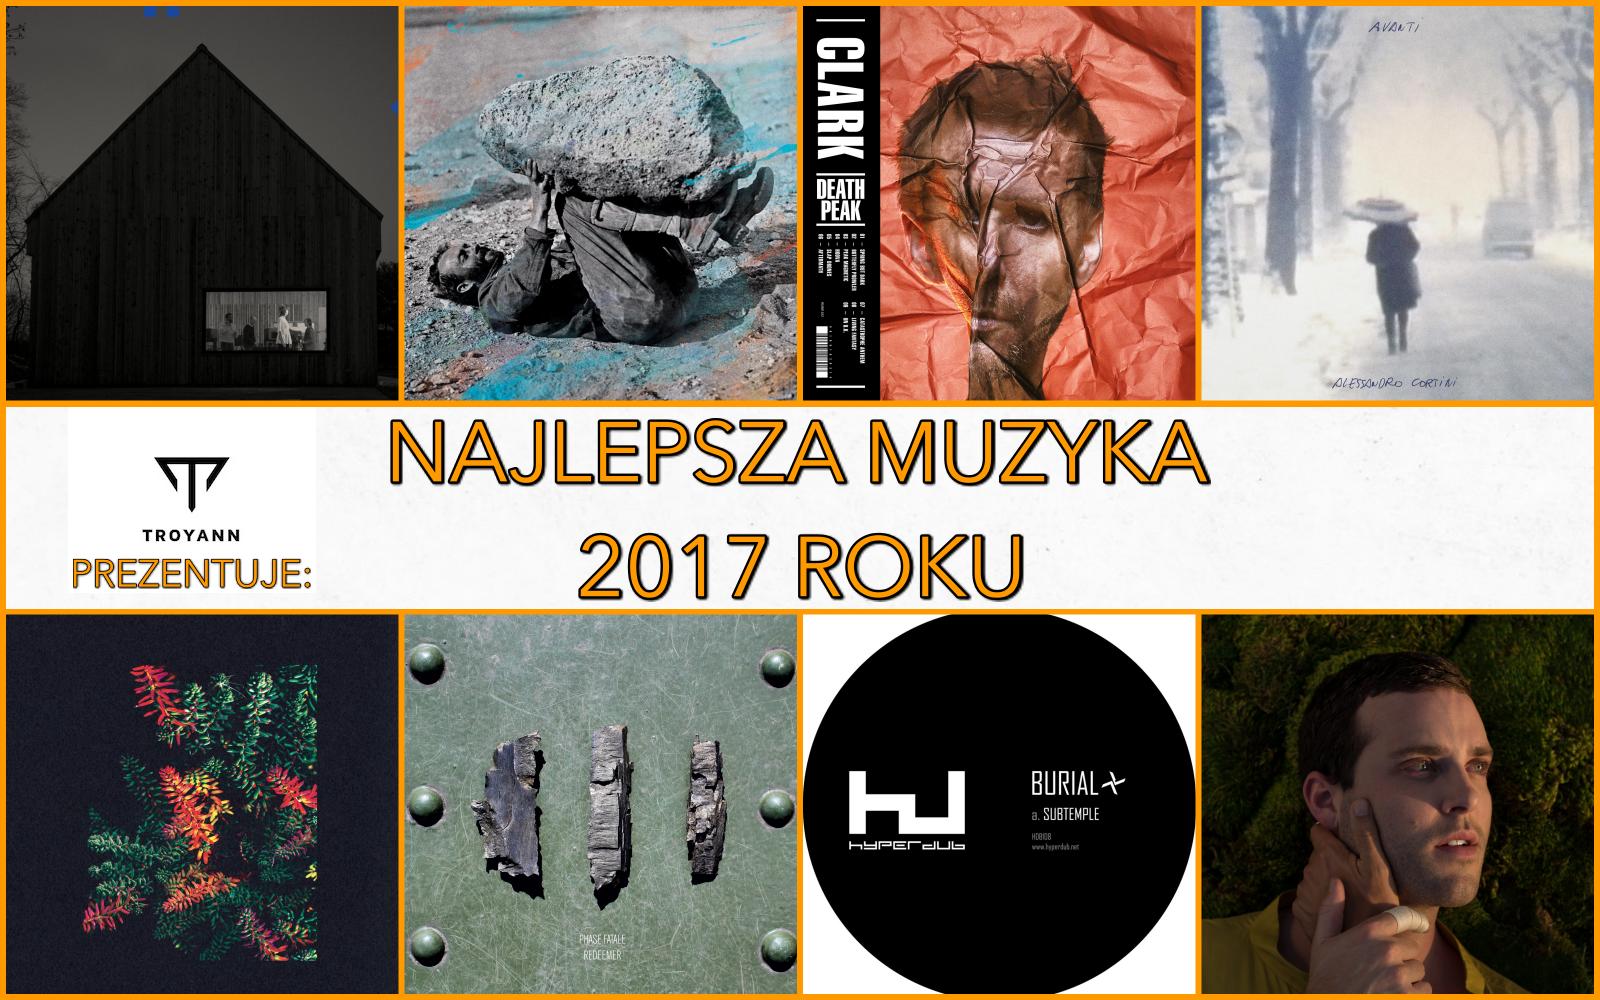 Najlepsza muzyka 2017 roku